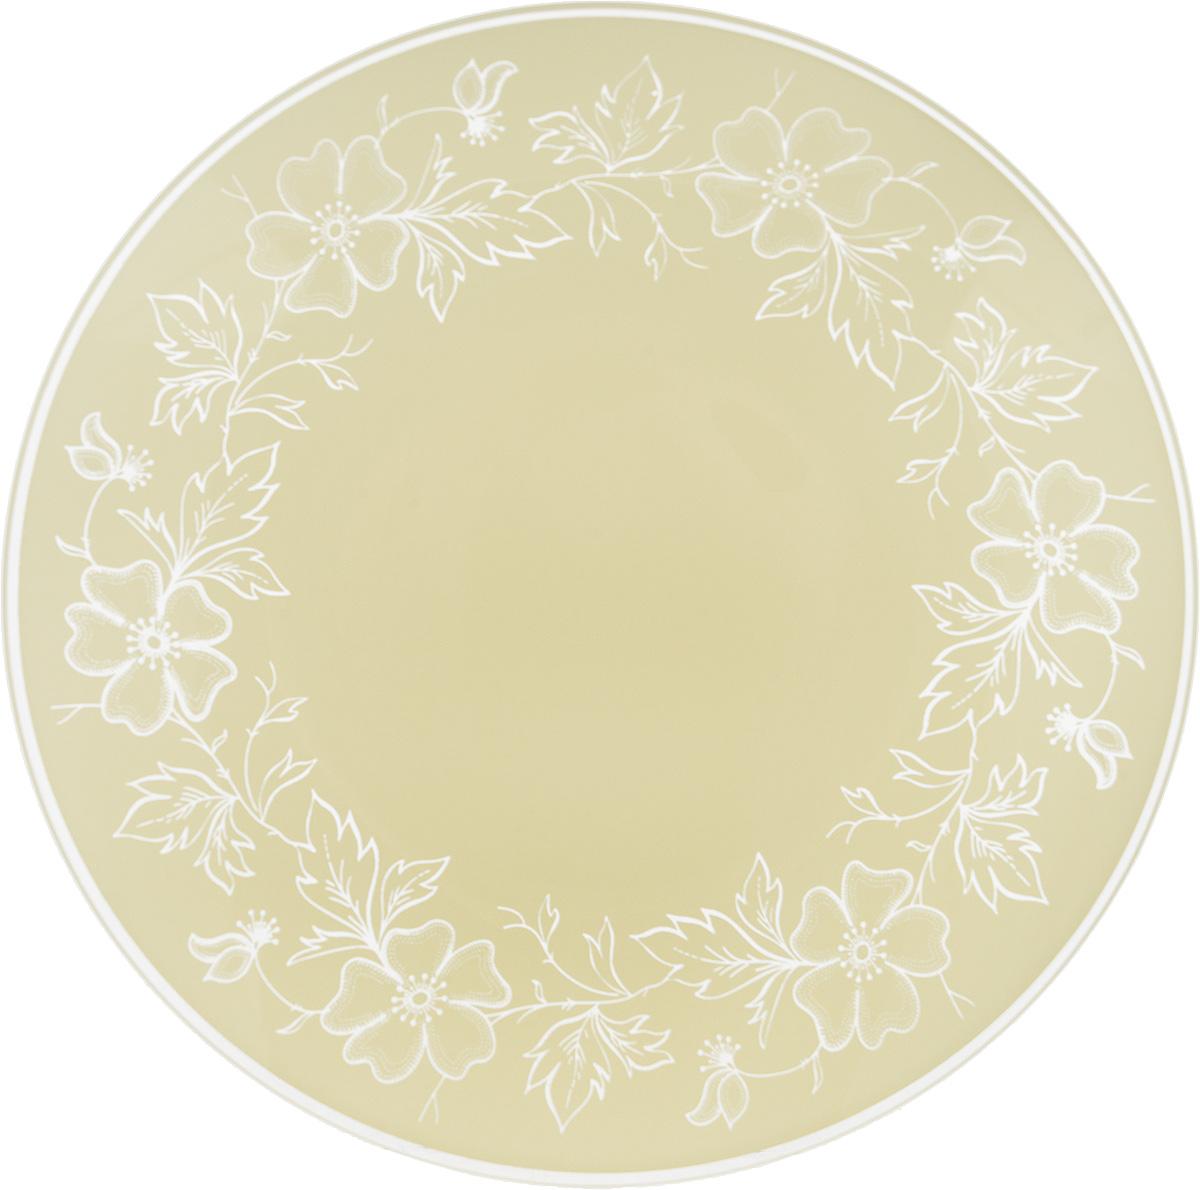 Тарелка NiNaGlass Лара, цвет: светло-бежевый, диаметр 20 см85-200-075/белТарелка NiNaGlass Лара выполнена из высококачественного стекла и оформлена красивым цветочным узором. Тарелка идеальна для подачи вторых блюд, а также сервировки закусок, нарезок, салатов, овощей и фруктов. Она отлично подойдет как для повседневных, так и для торжественных случаев.Такая тарелка прекрасно впишется в интерьер вашей кухни и станет достойным дополнением к кухонному инвентарю.